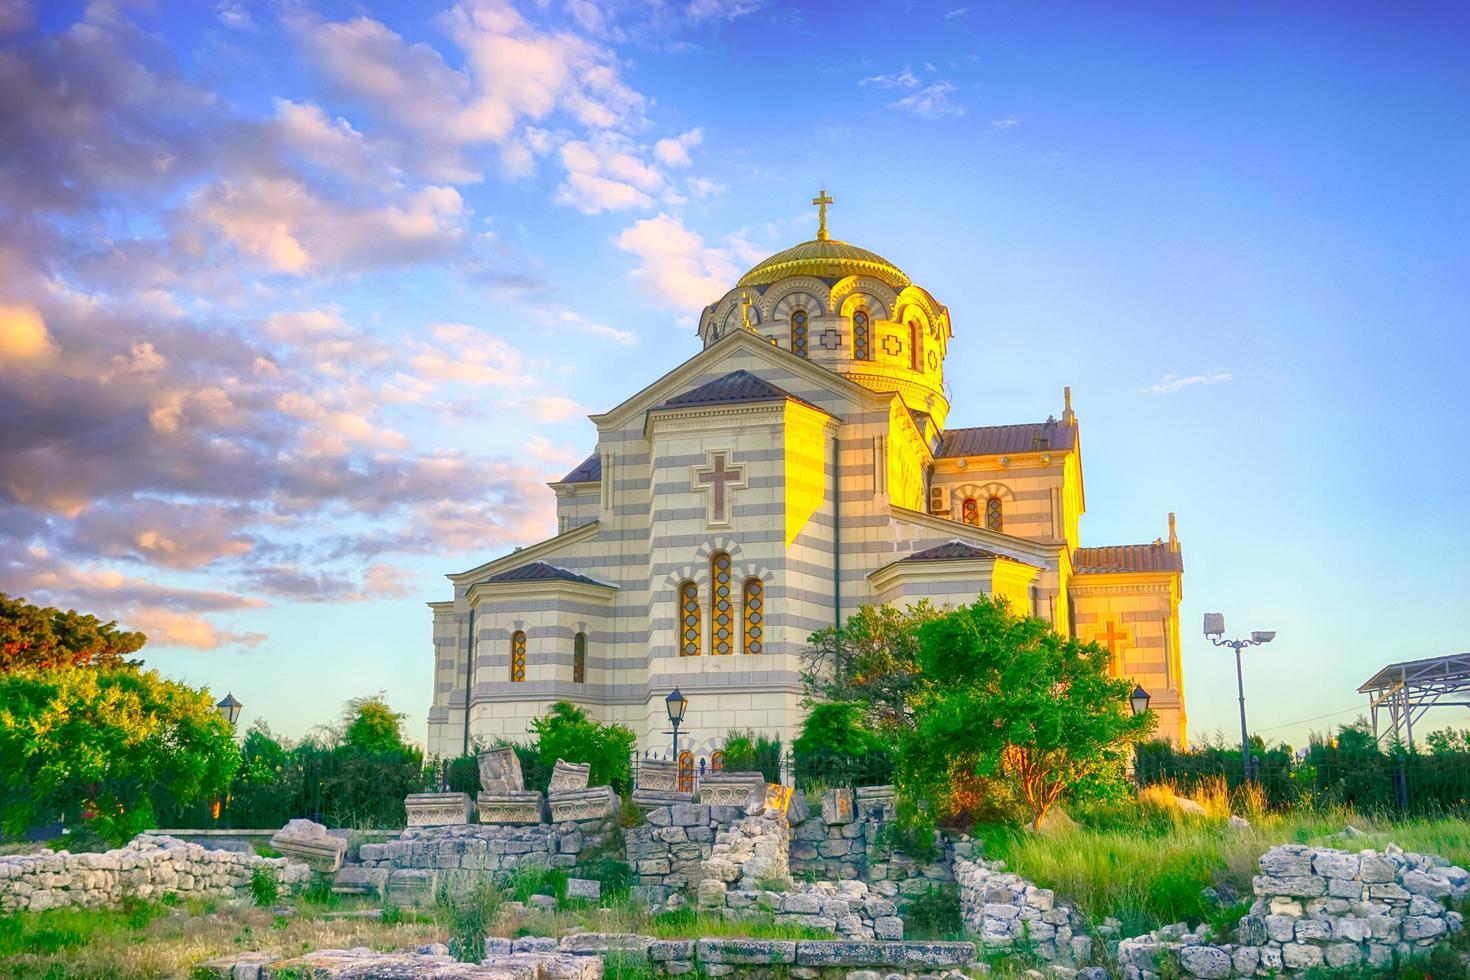 paysage de chersonesos et du temple de st. Vladimir photo